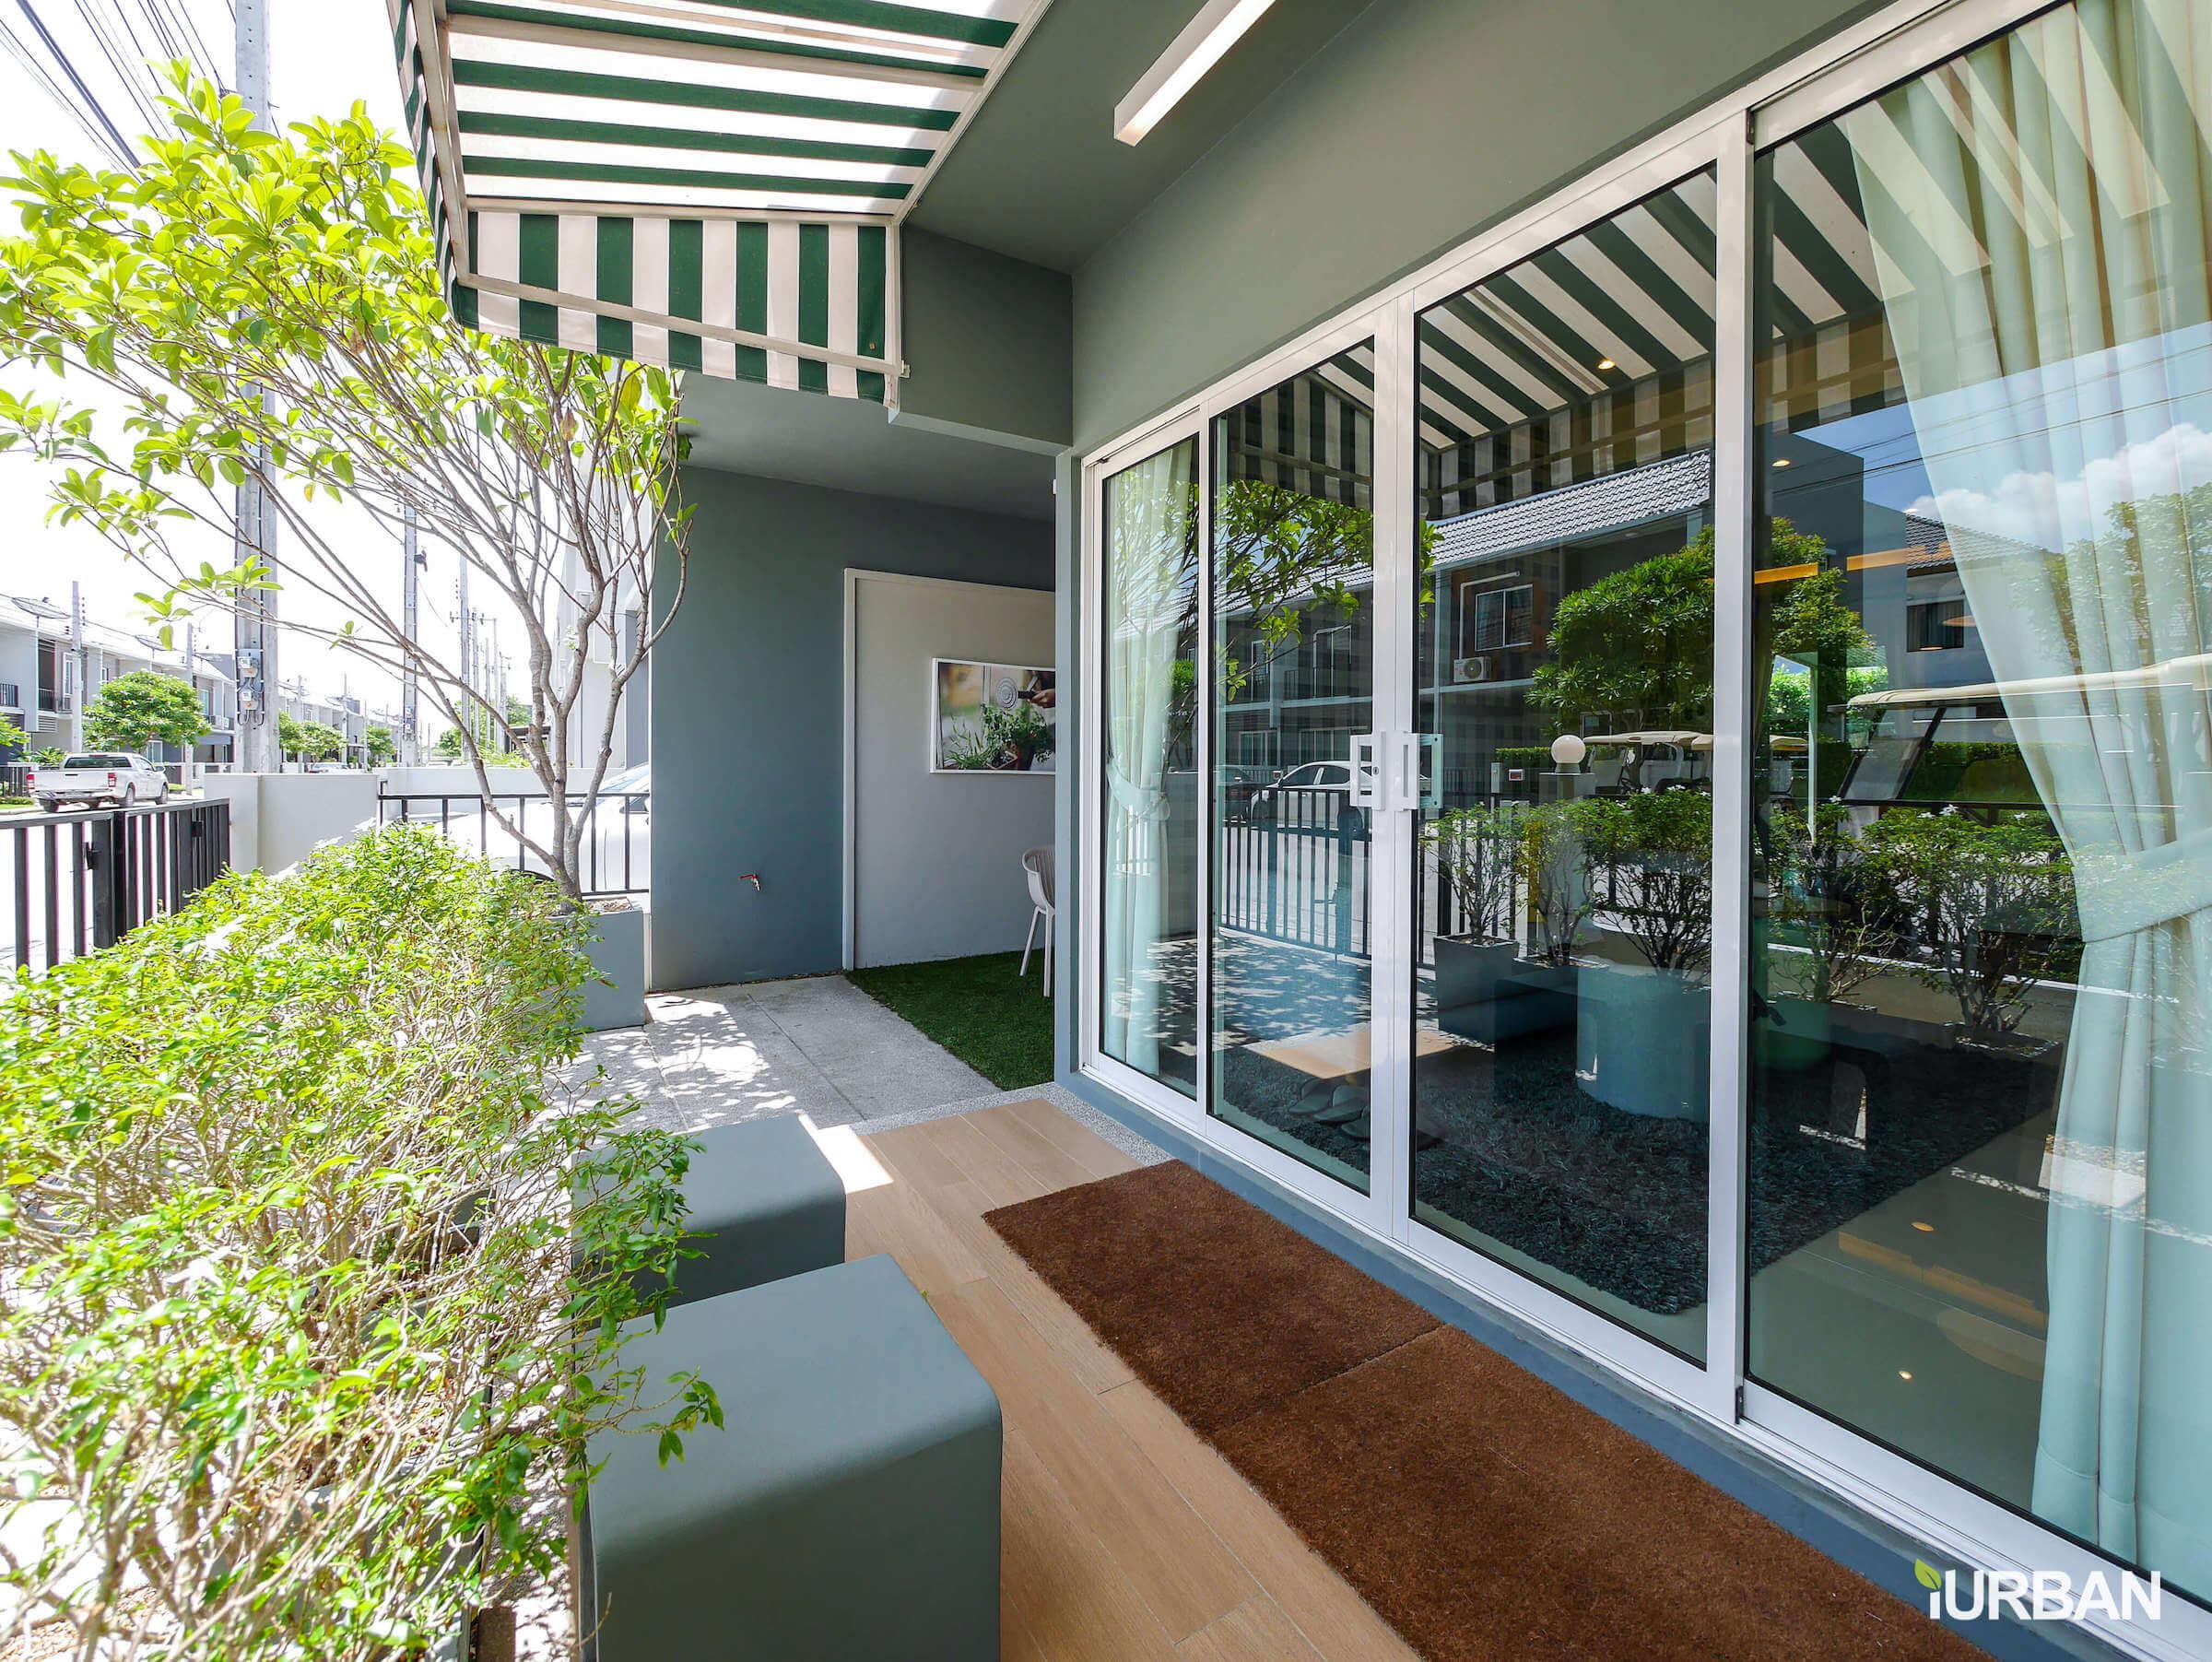 """รีวิว The Colours ทาวน์โฮม by Areeya บนทำเลที่กำลังเติบโต """"ข้างเมกาบางนาและอิเกีย"""" 82 - Areeya Property (อารียา พรอพเพอร์ตี้)"""